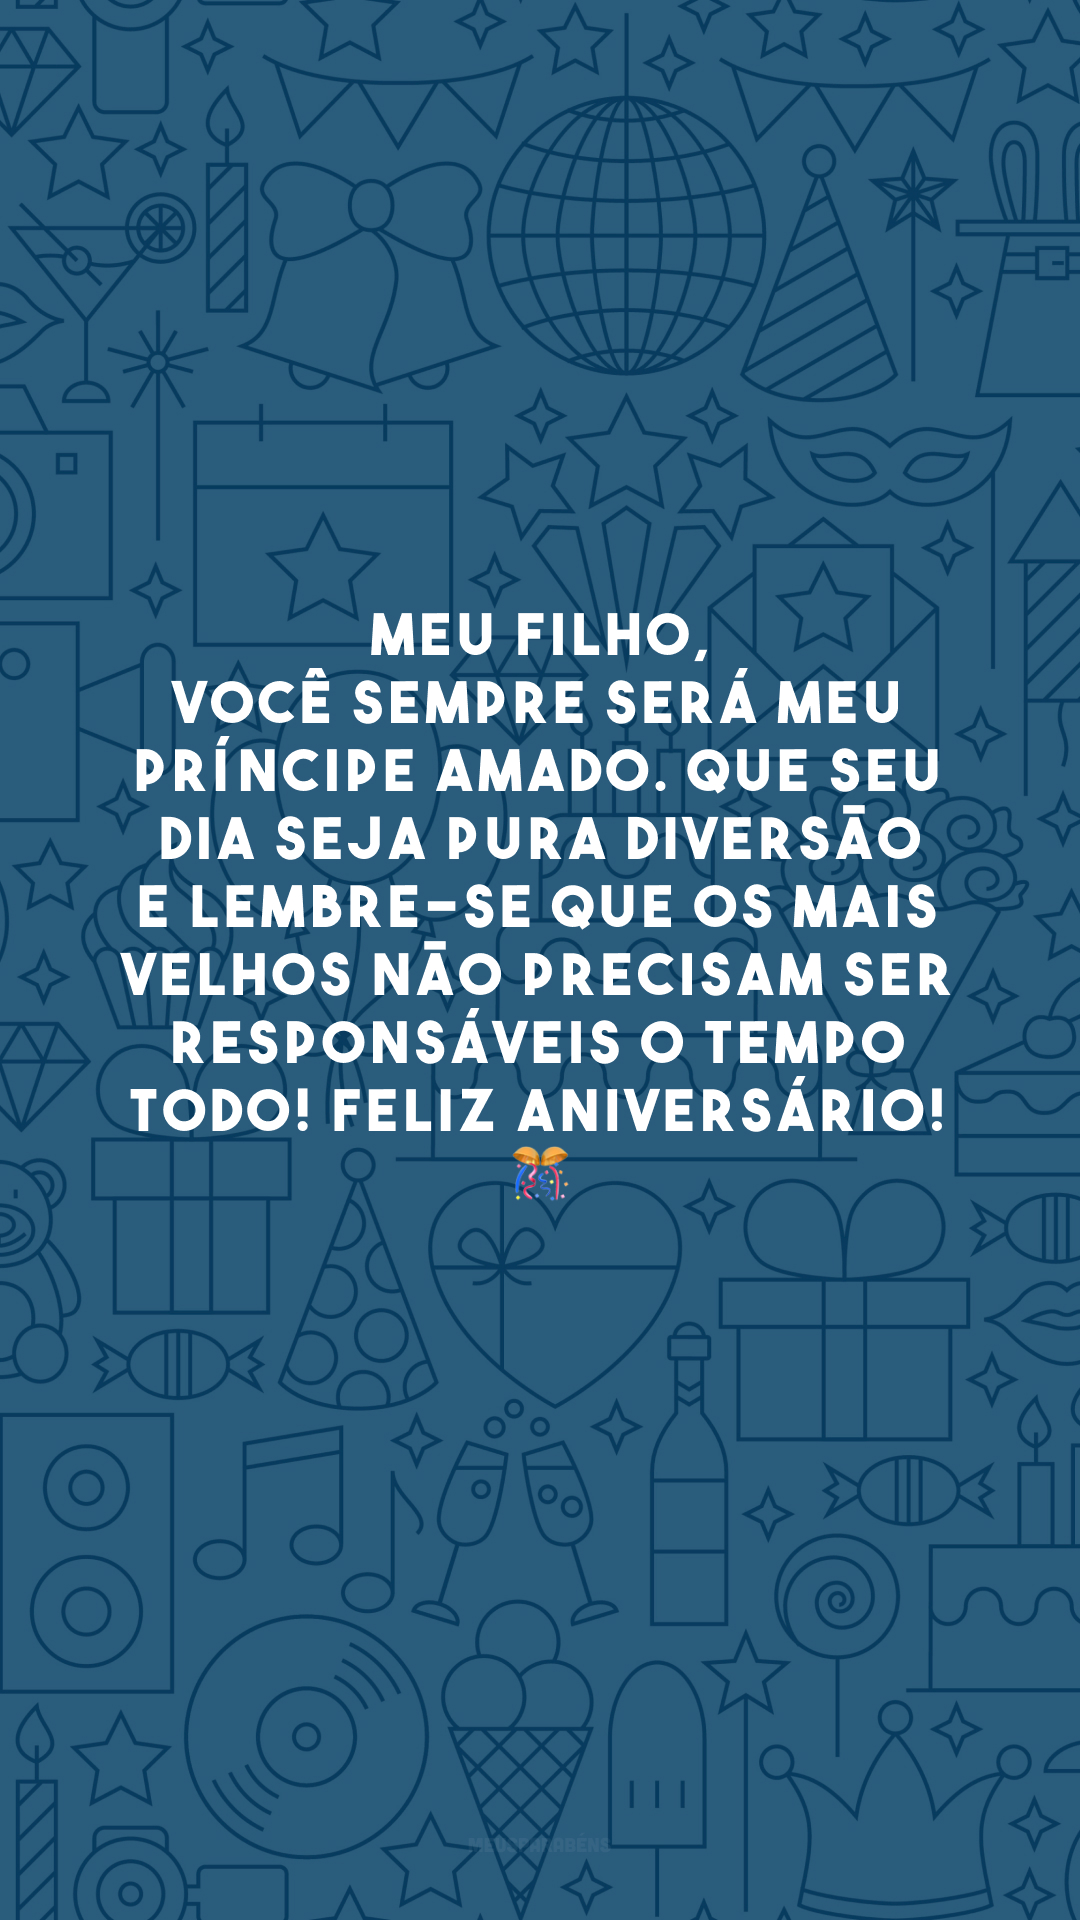 Meu filho, você sempre será meu príncipe amado. Que seu dia seja pura diversão e lembre-se que os mais velhos não precisam ser responsáveis o tempo todo! Feliz aniversário! 🎊